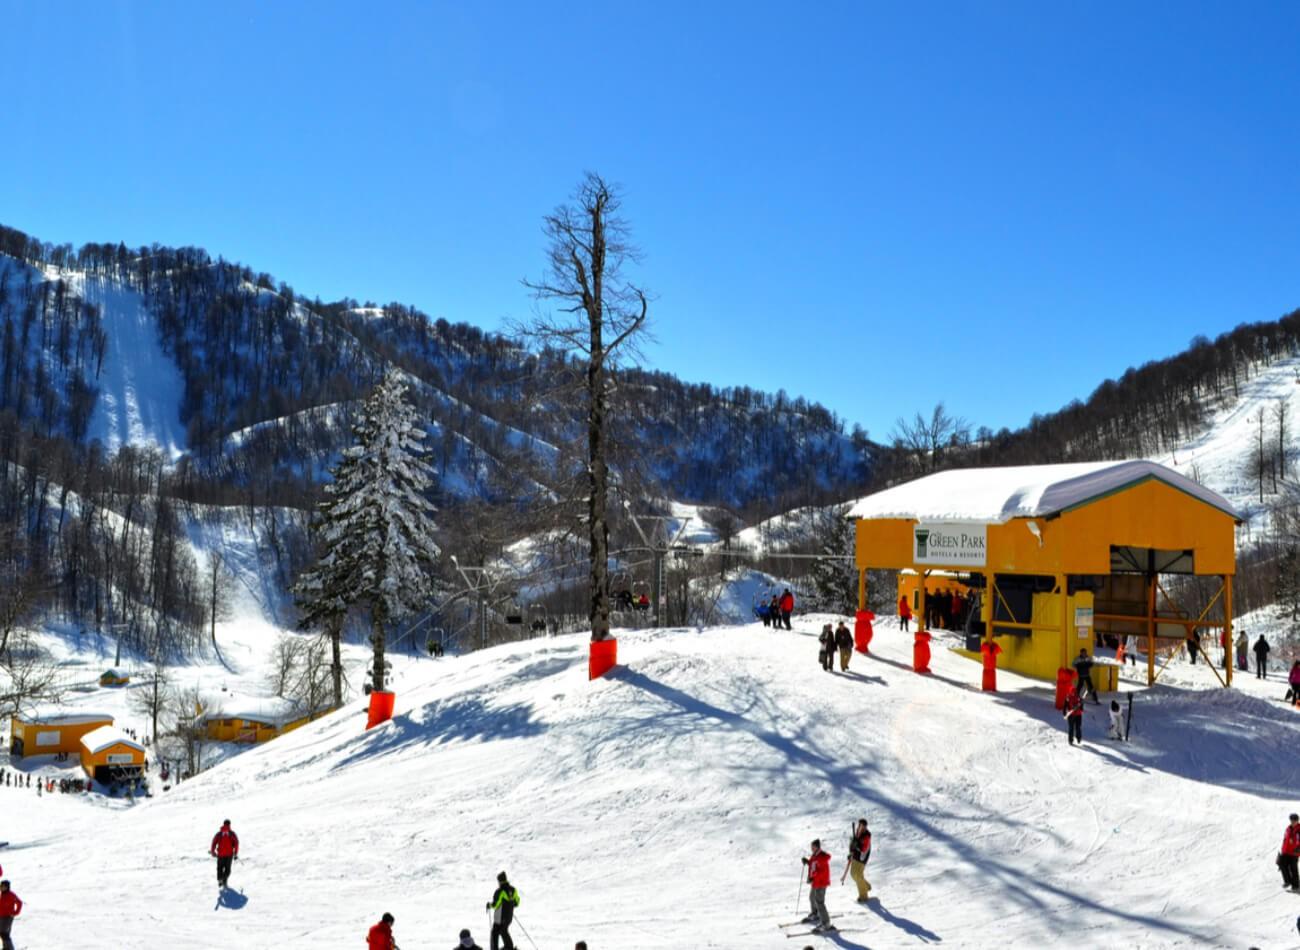 KOCAELİ - KARTEPE / Yılbaşı tatilinde aradığınız şey huzur ve sakinlik ise Kartepe sizin için doğru yer. Eğer canınız kayak yapmak istiyorsa da Kartepe, 4 bin üzeri kişilik, 12 ayrı piste sahip.